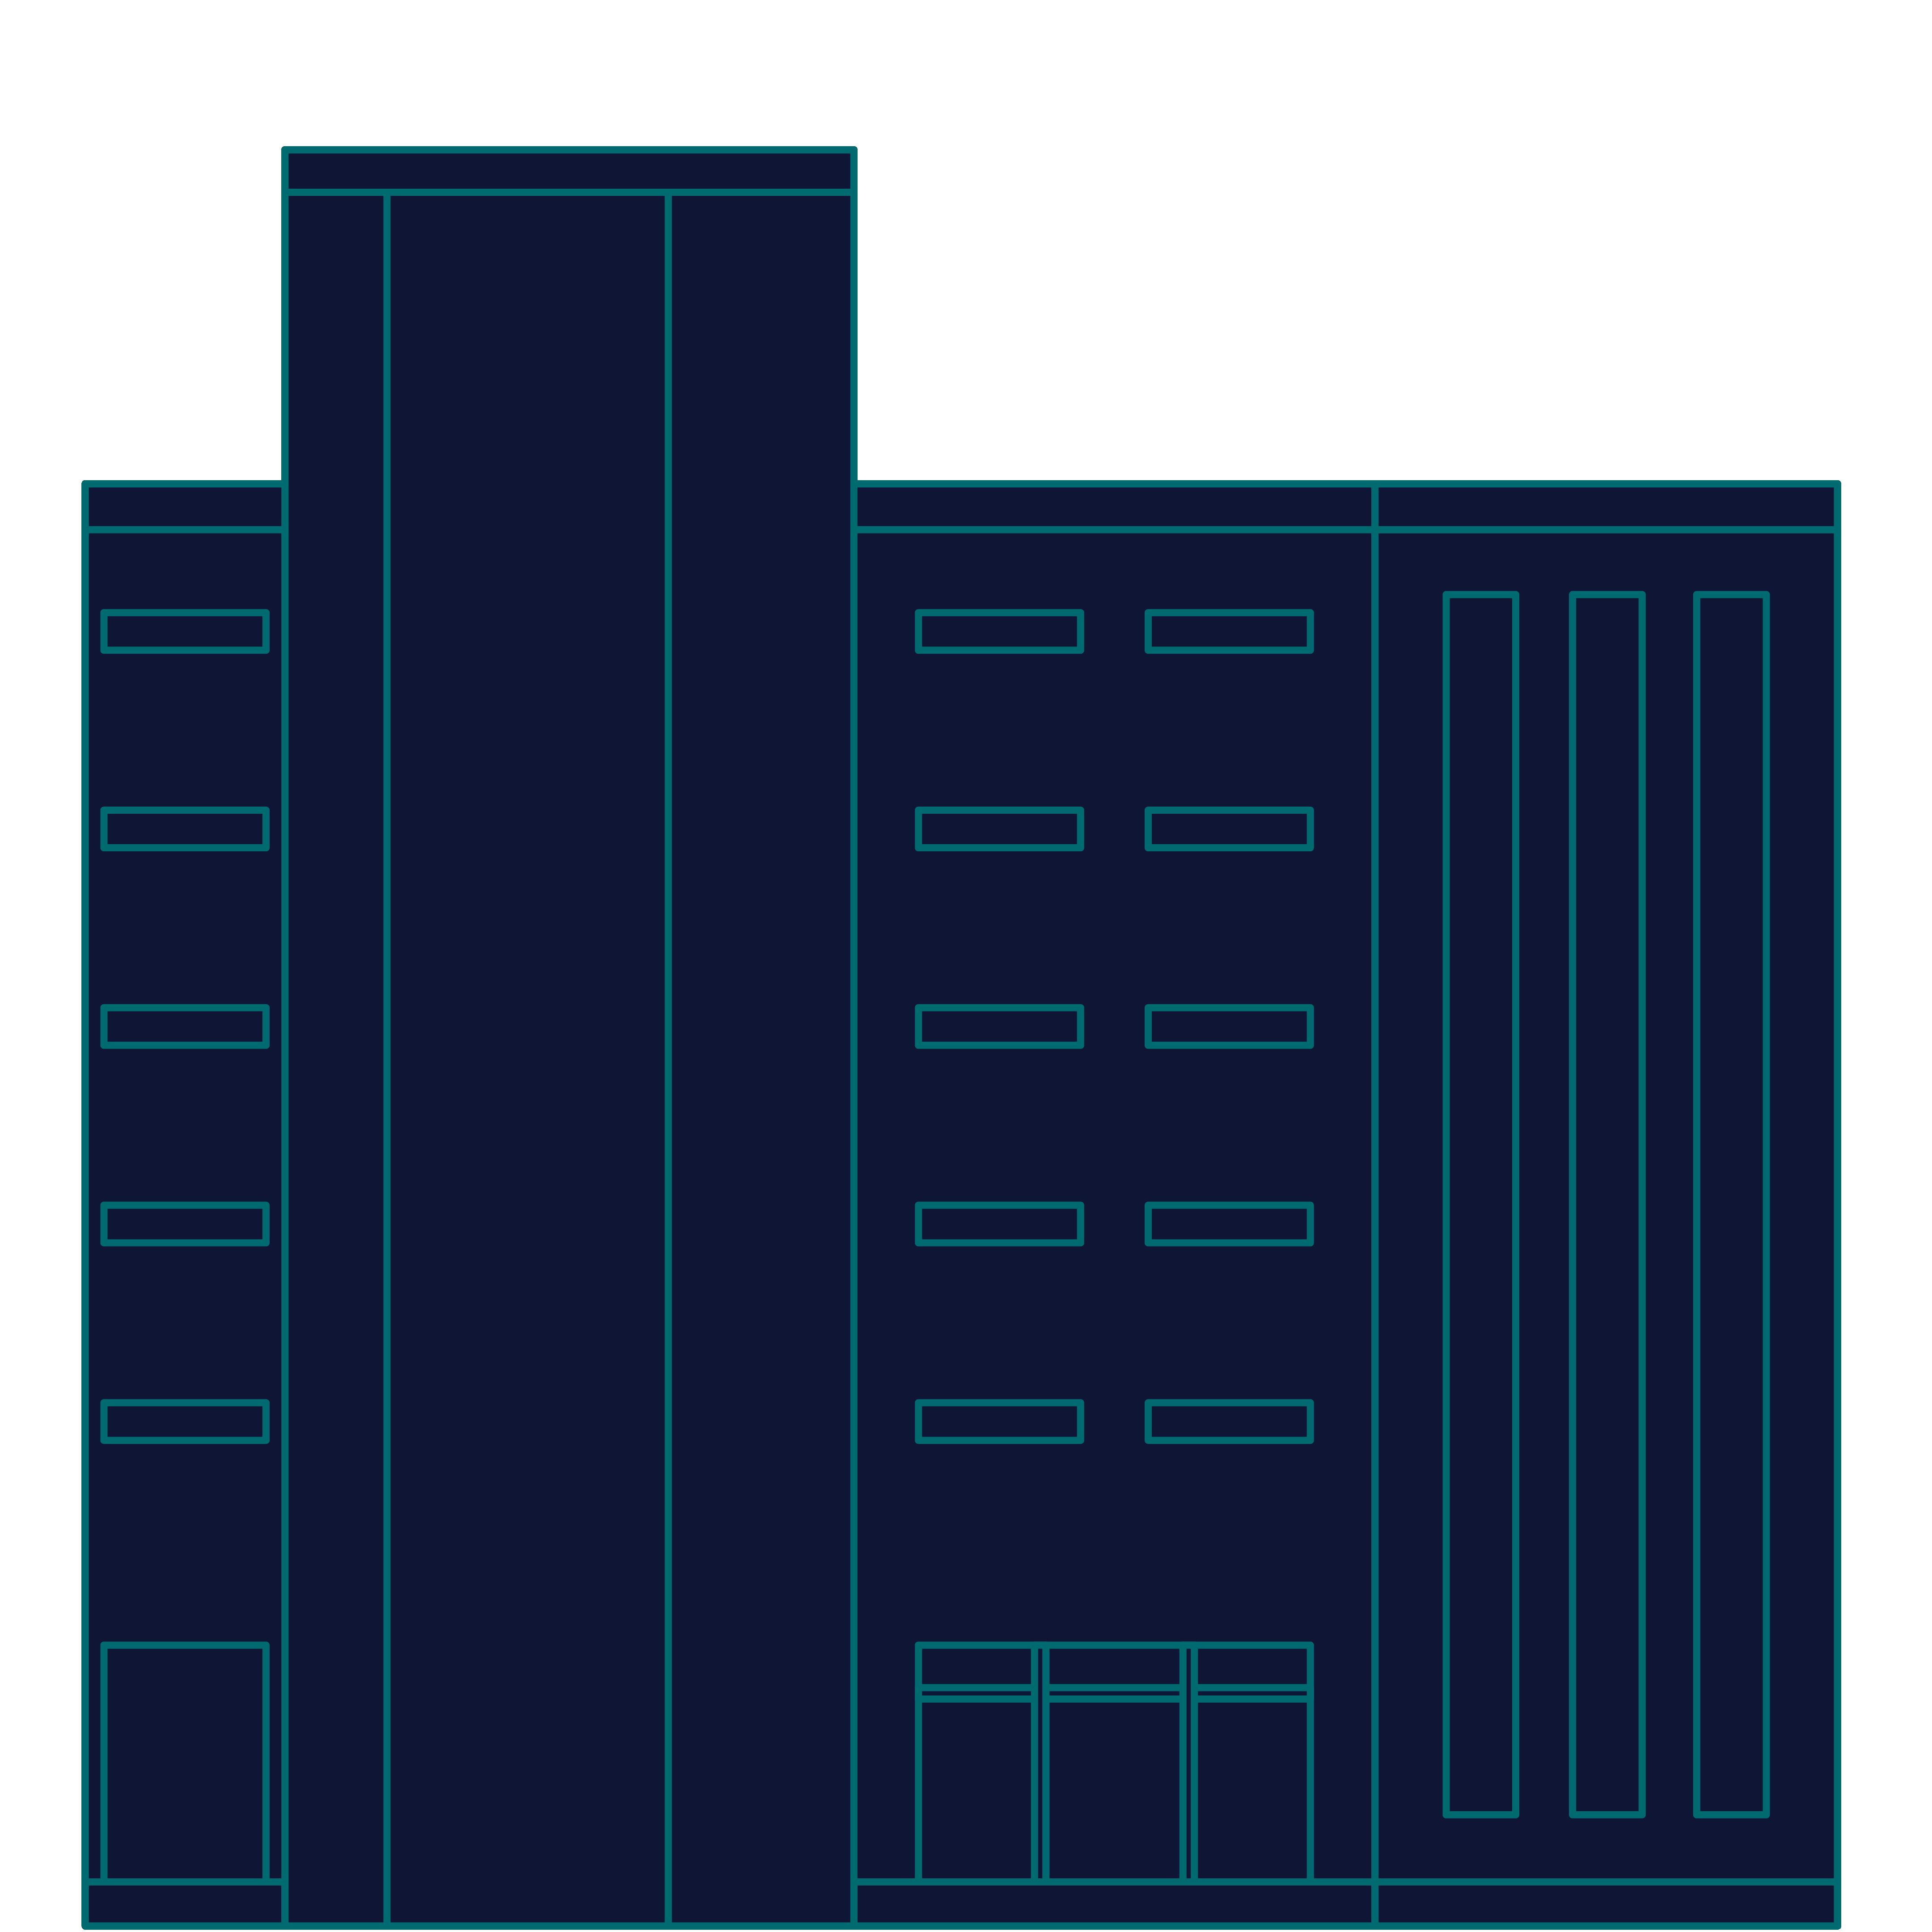 SaaS illustration